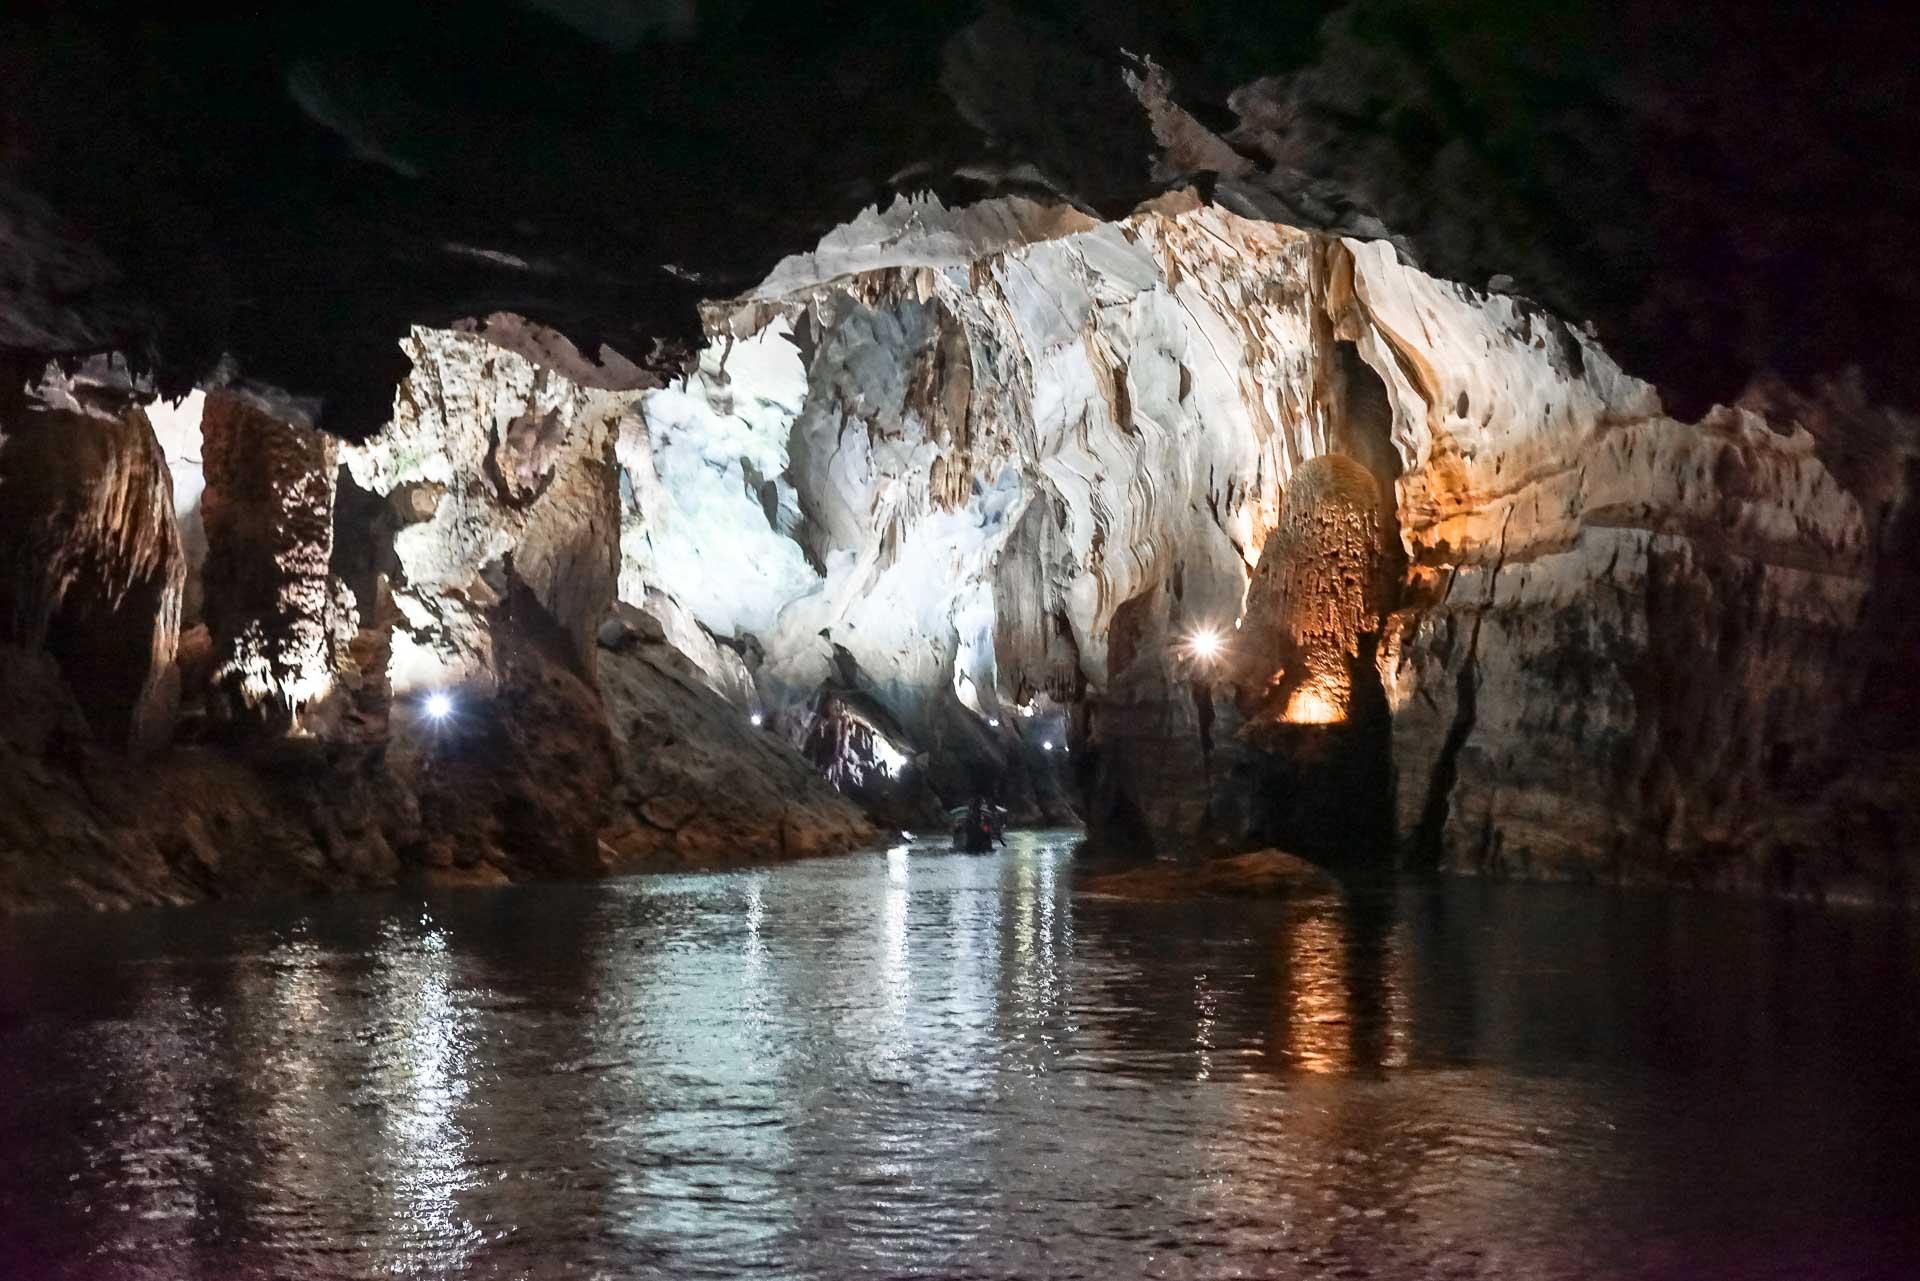 LesVoyageuses-Vietnam-Phong-Nha-Caves-Nature-49